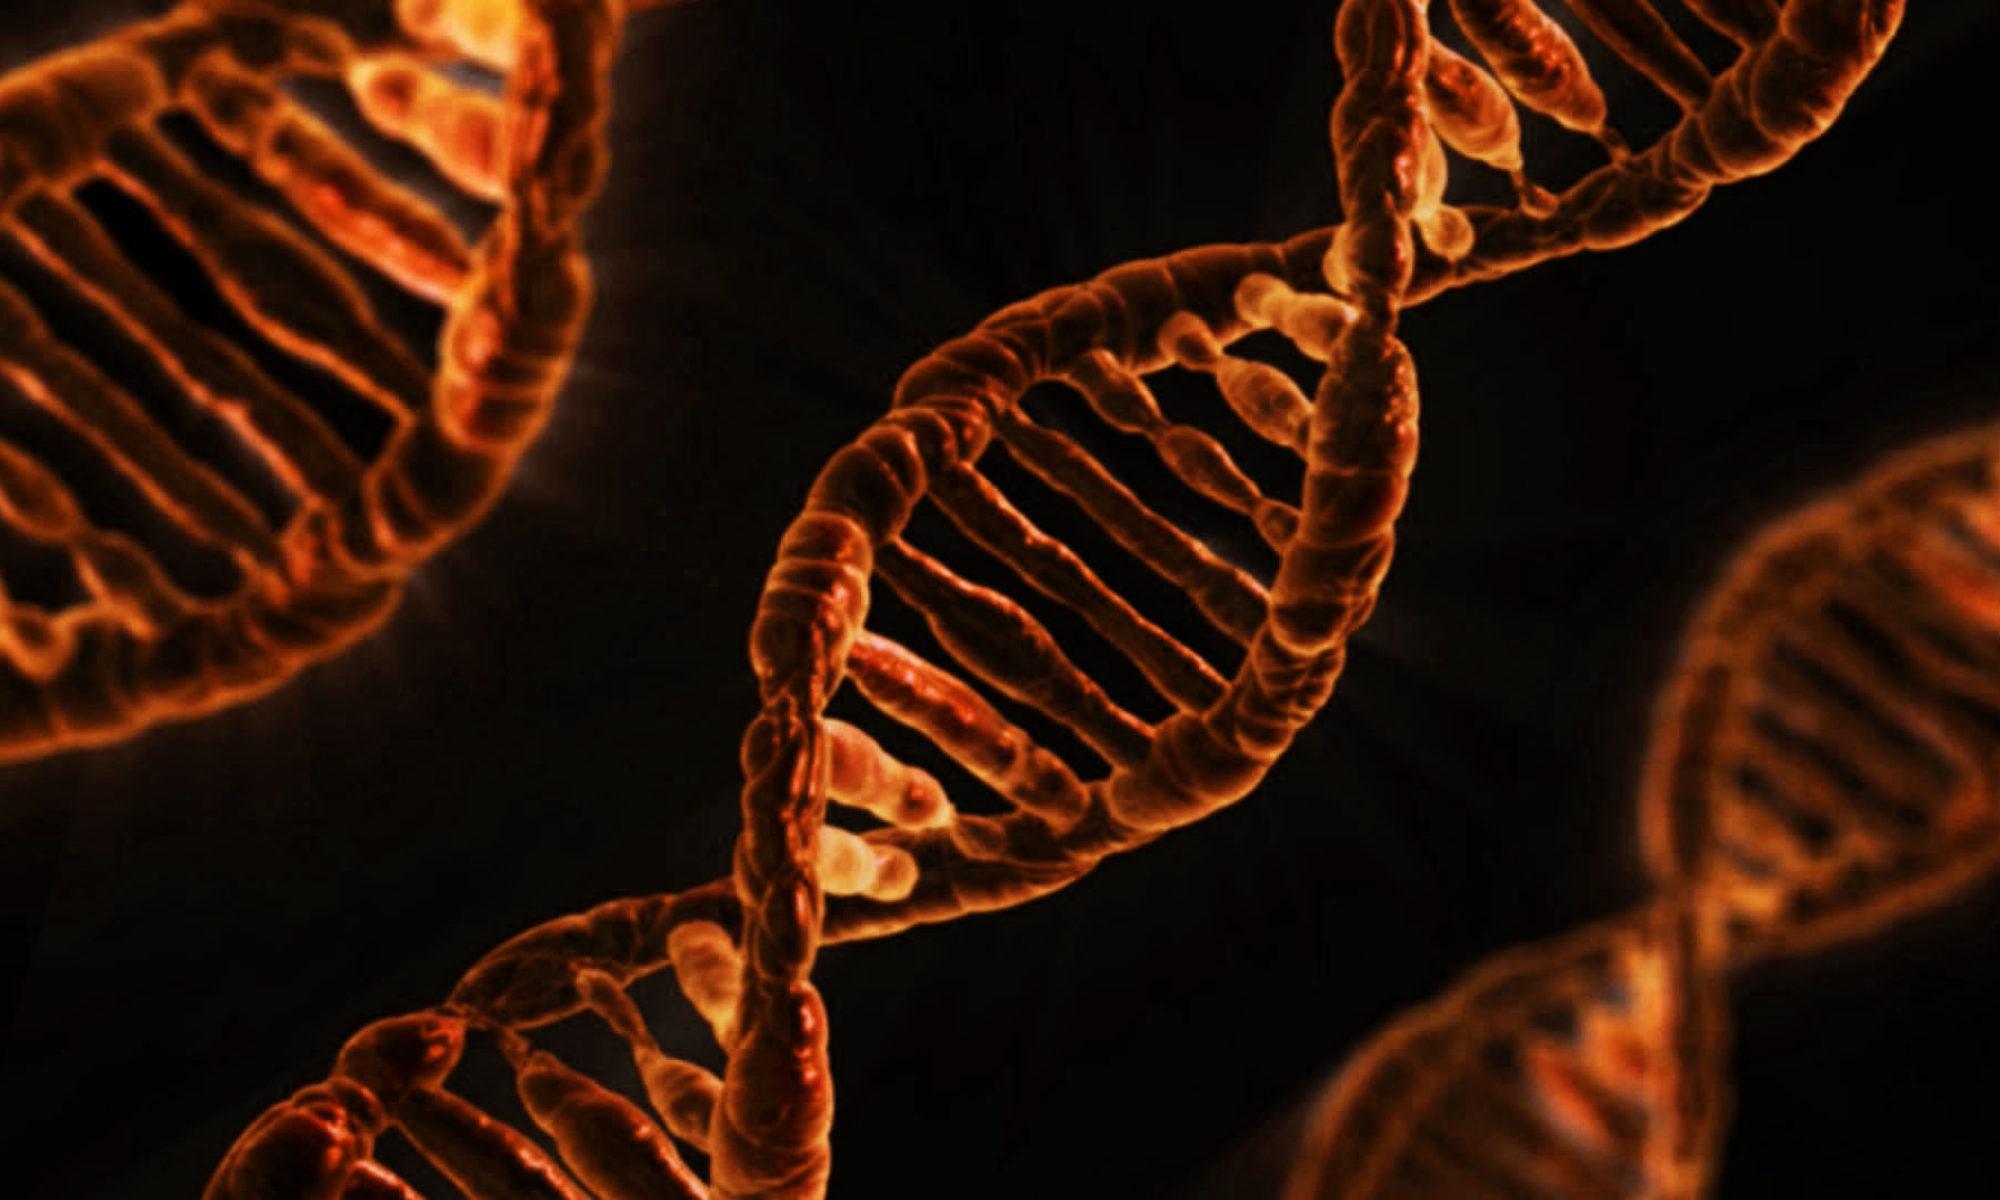 Nagy gén diagnosztika